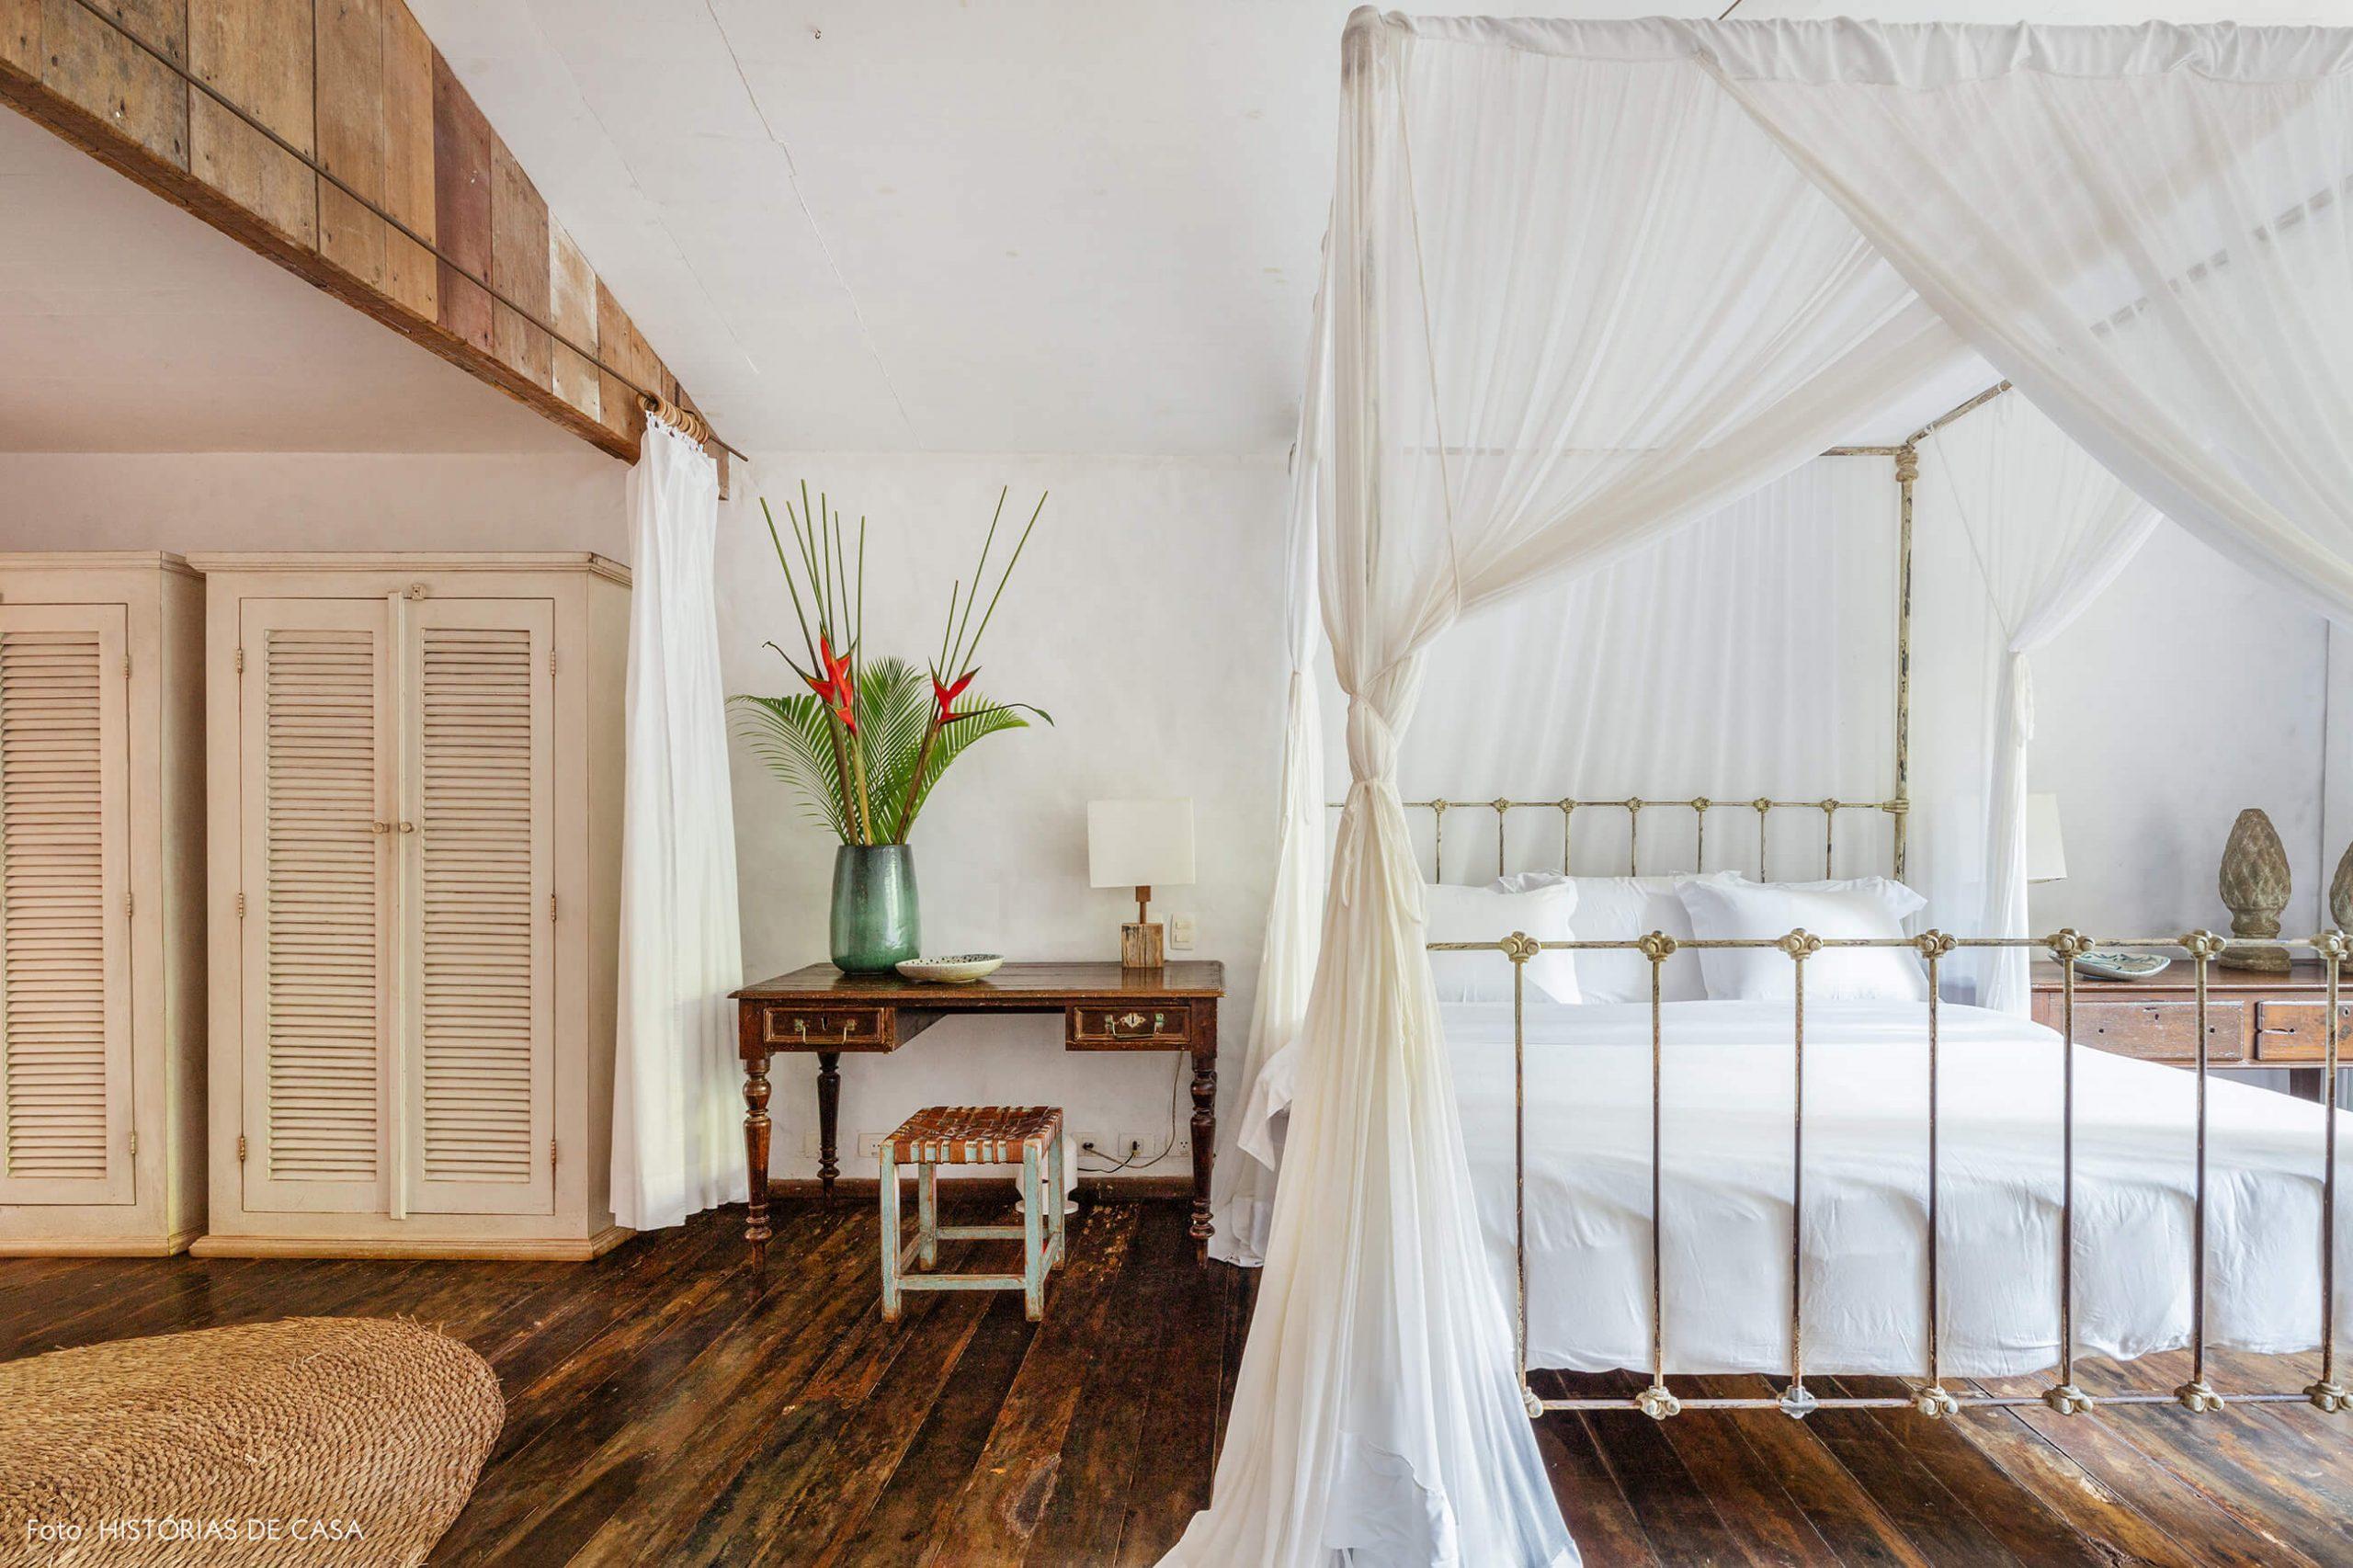 decoração Trancoso quarto com moveis de madeira e cama com tenda branca